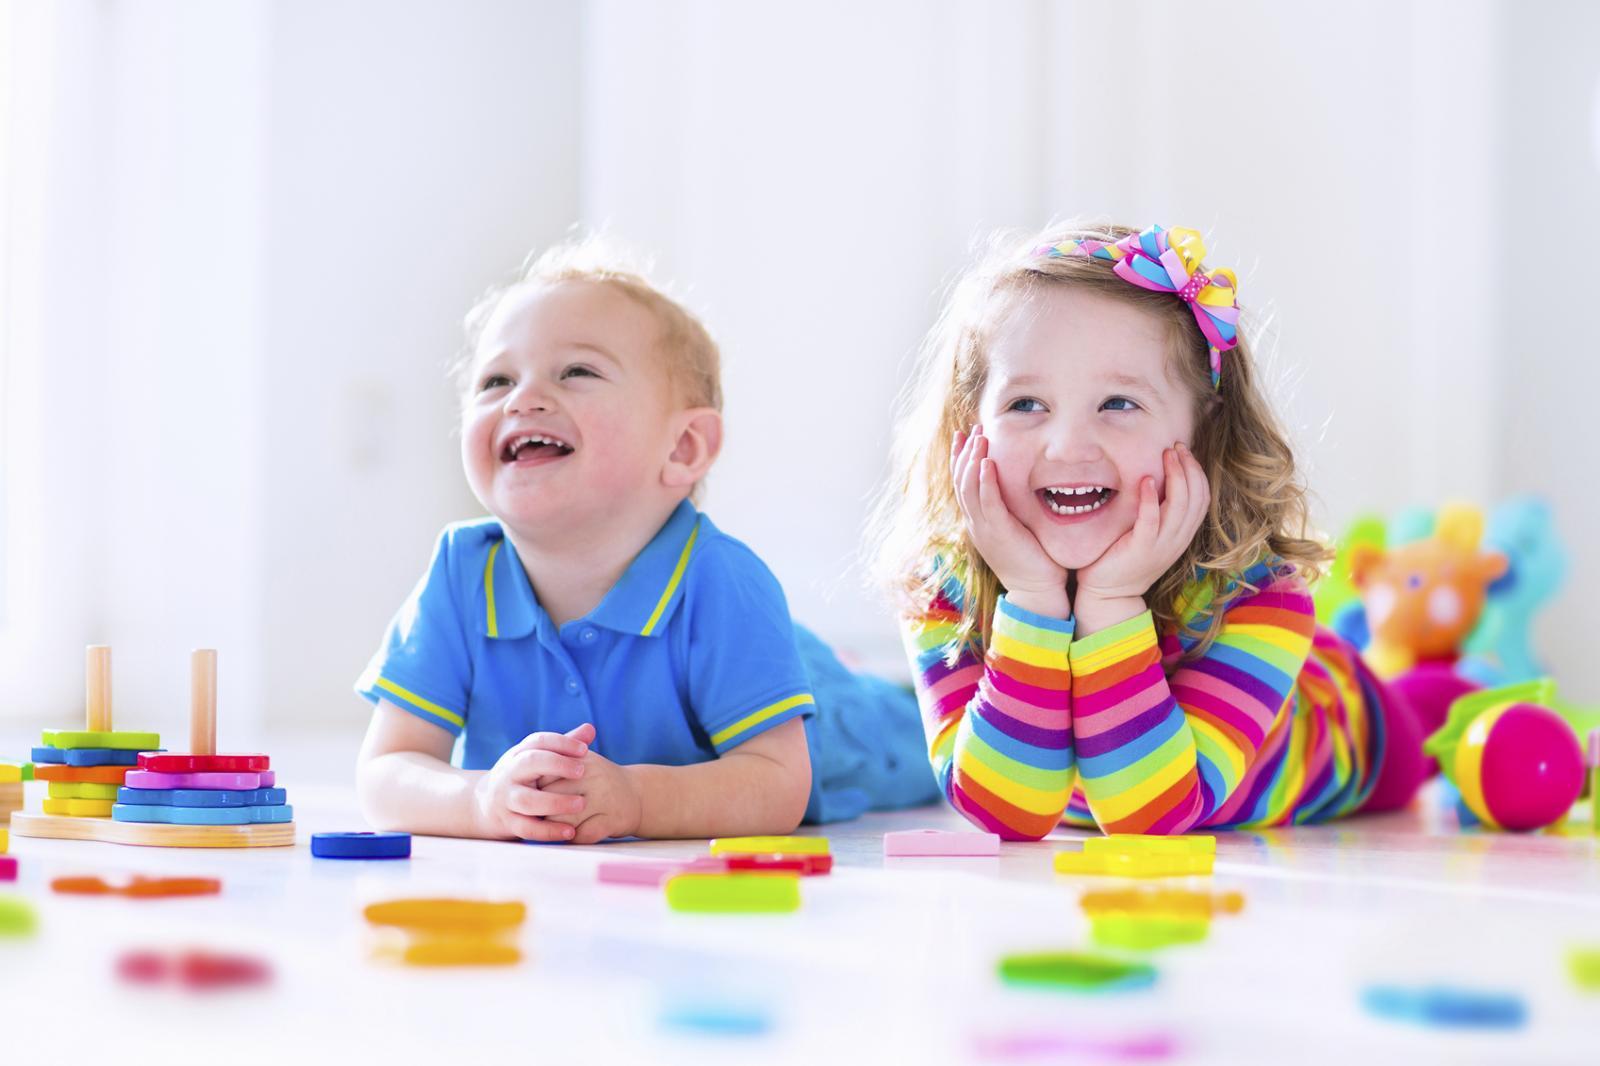 Djeca bez obzira na utjecaj okoline već u prvoj godini života pokazuju afinitete prema 'muškim' ili 'ženskim' igračkama.